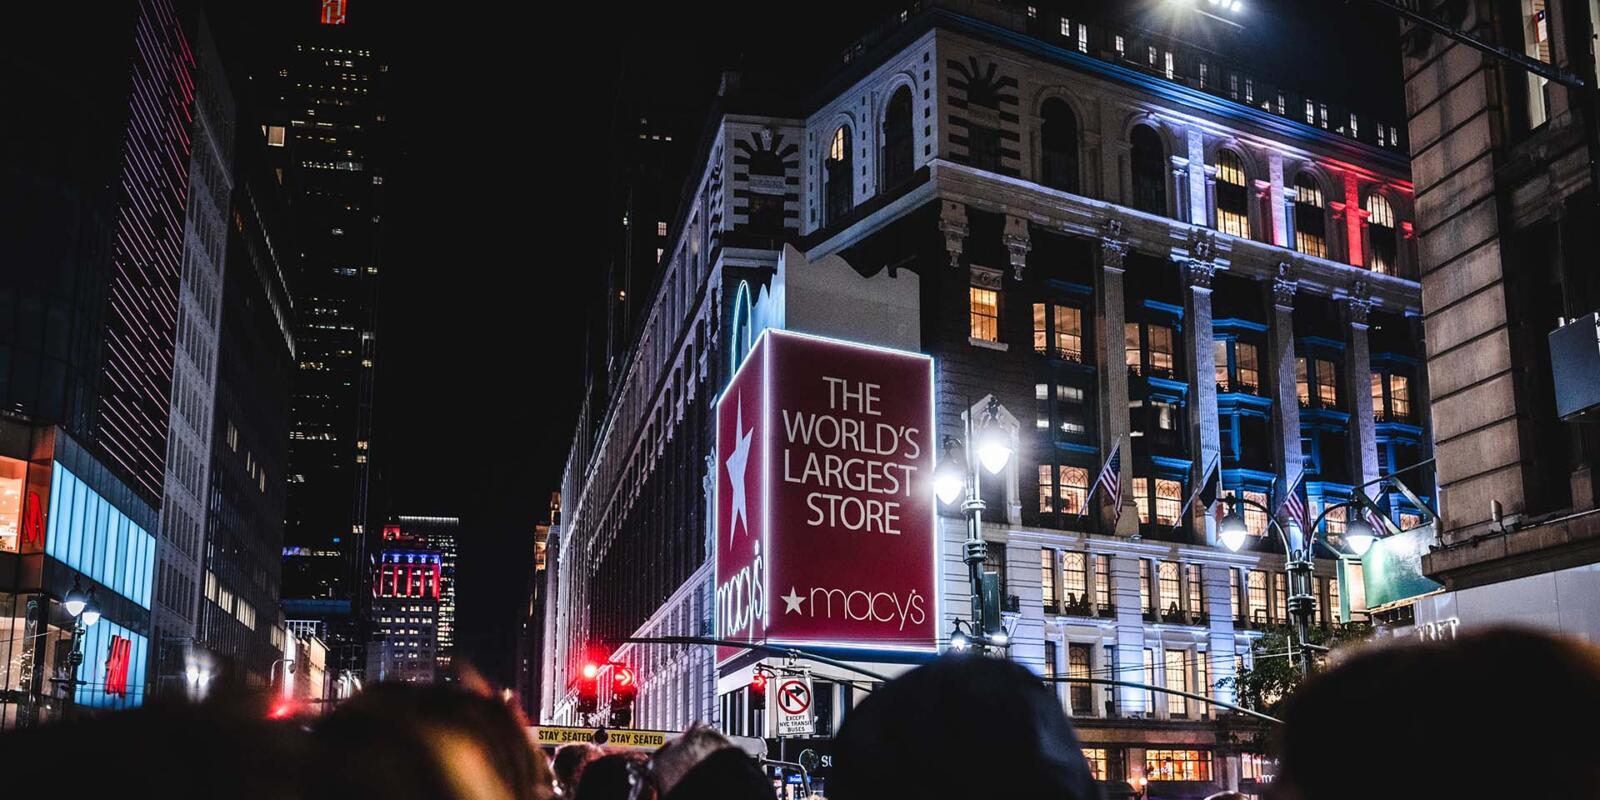 Mejor recorrido en autobús nocturno por Nueva York Loving New York Macy's Herald Square